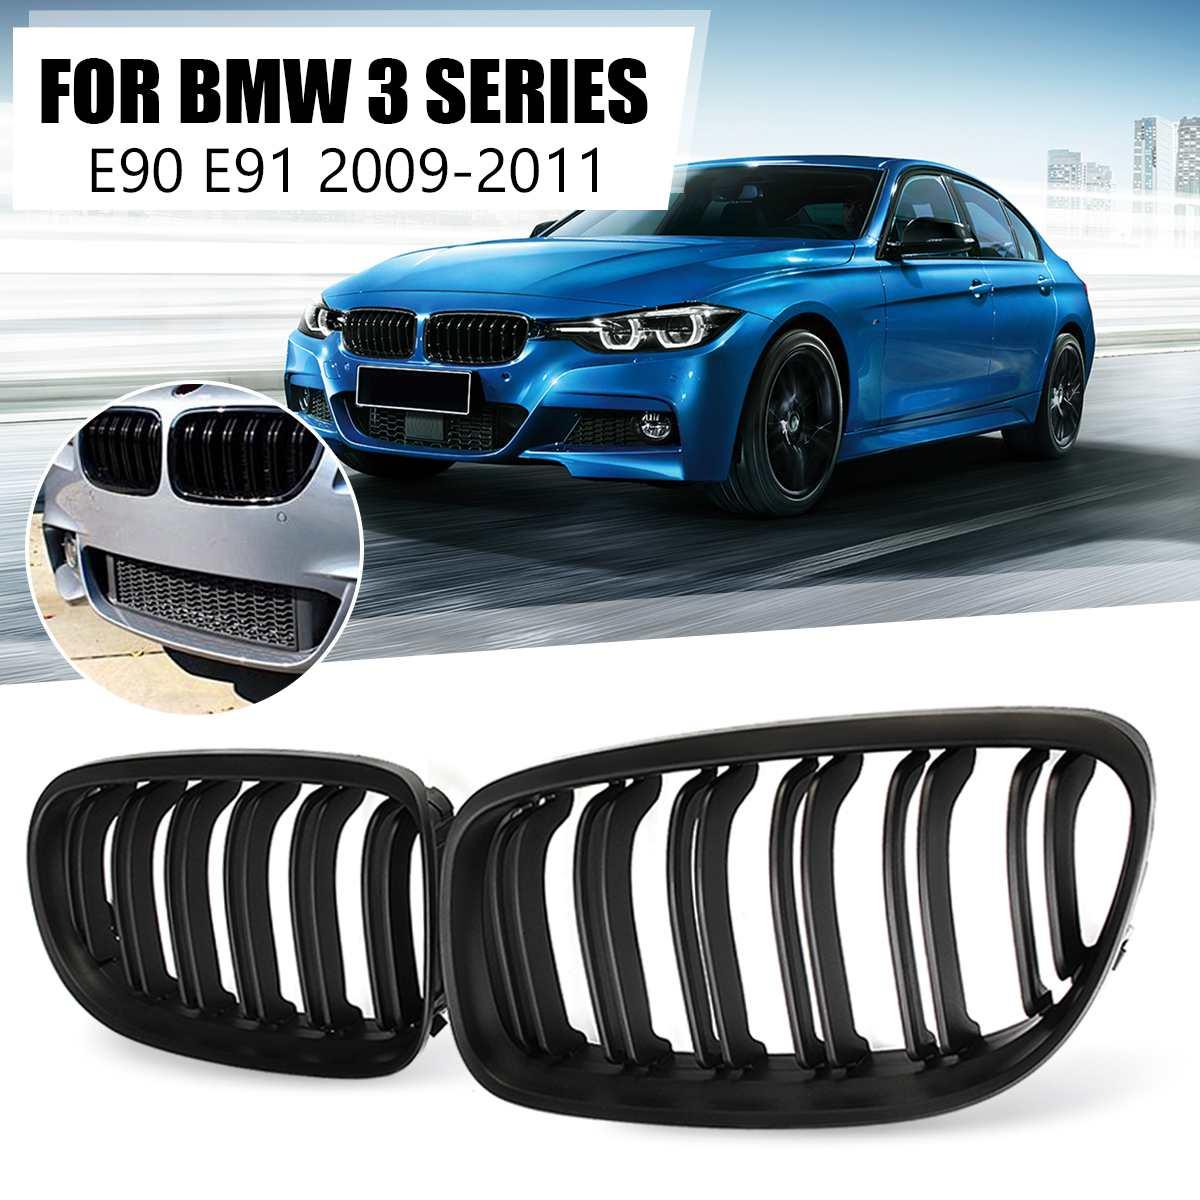 1 paire mat noir 2 Double ligne latte avant rein Grill Racing Grill remplacement pour BMW série 3 E90 E91 2009 2010 2011